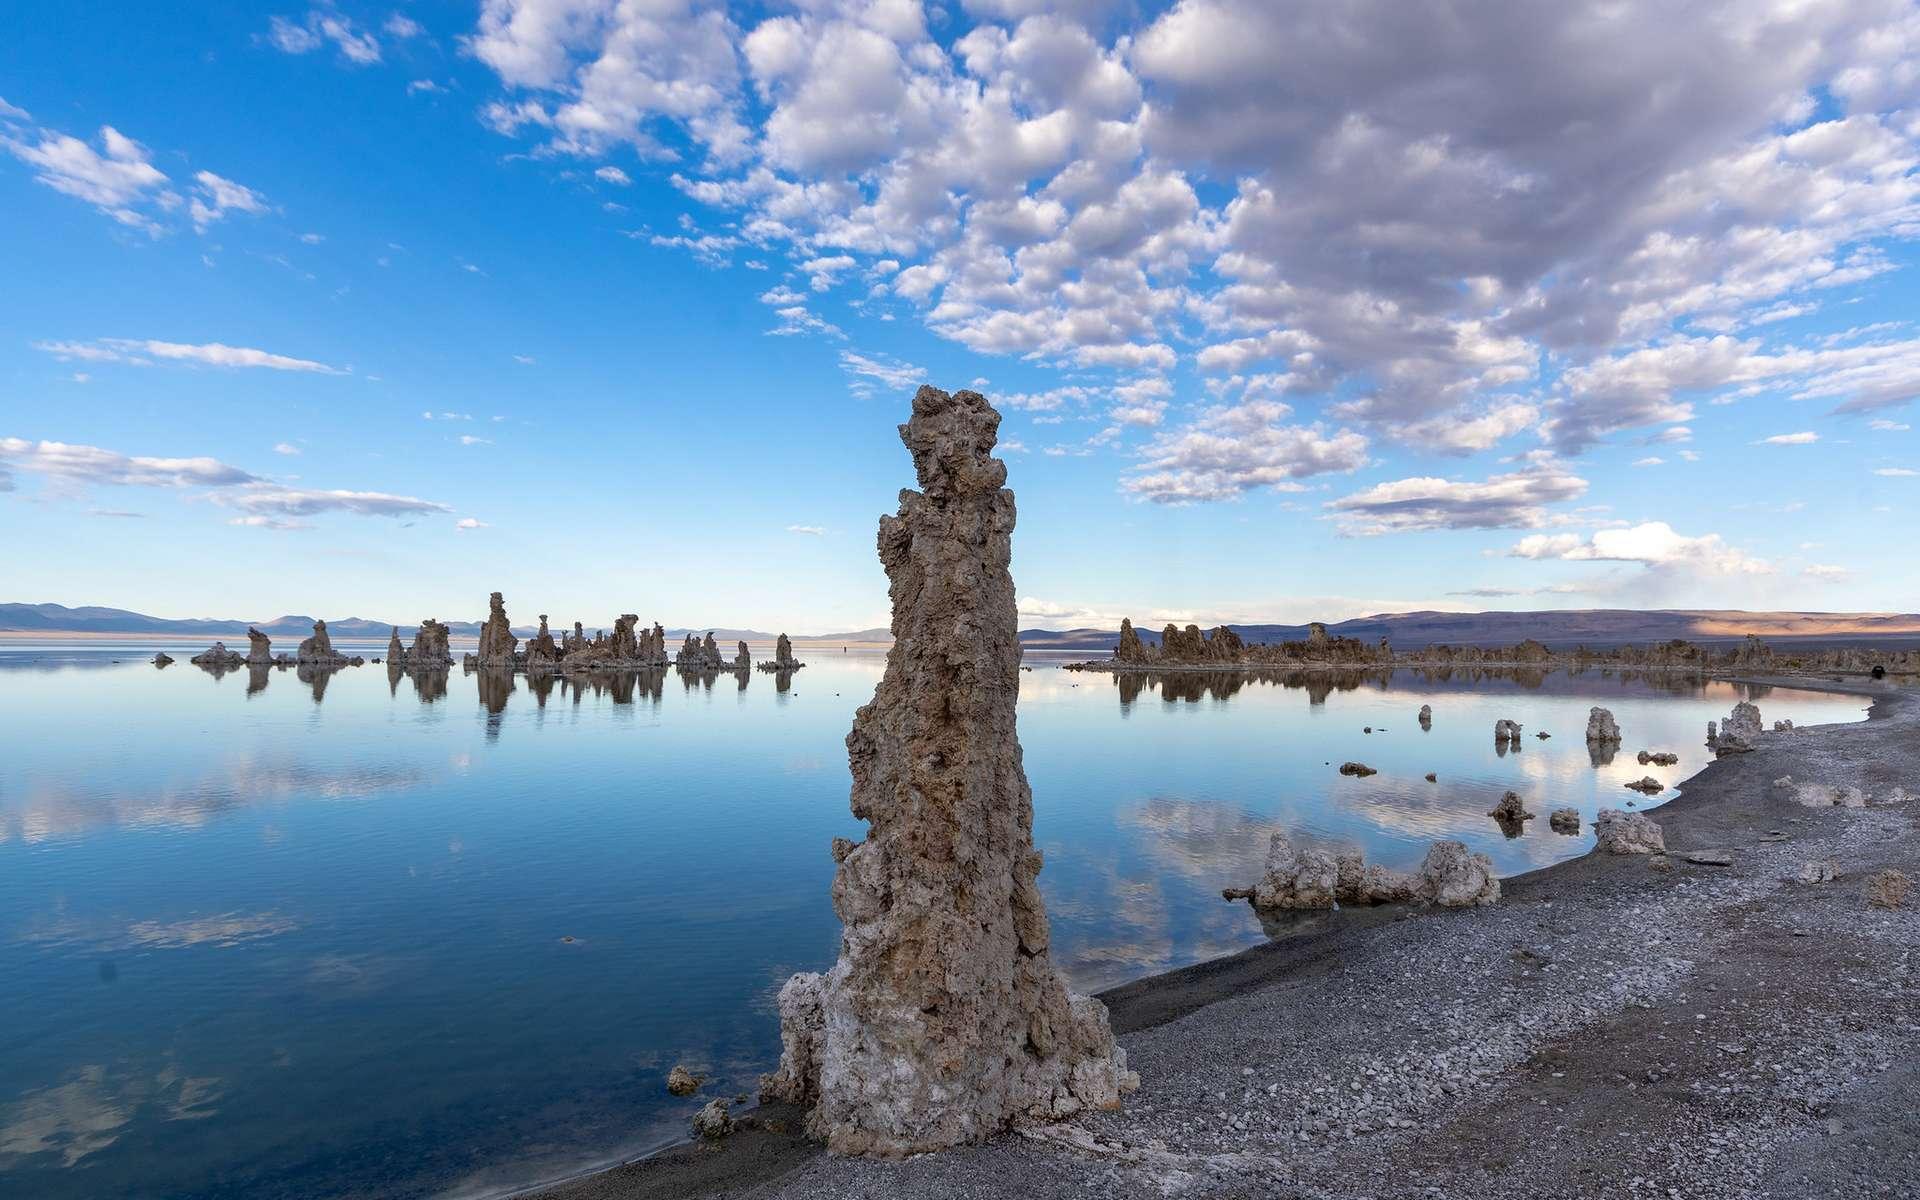 Le Lac Mono en Californie est l'un des nombreux lacs riches en phosphore à la surface de la Terre. © Matthew Dillon, Flickr